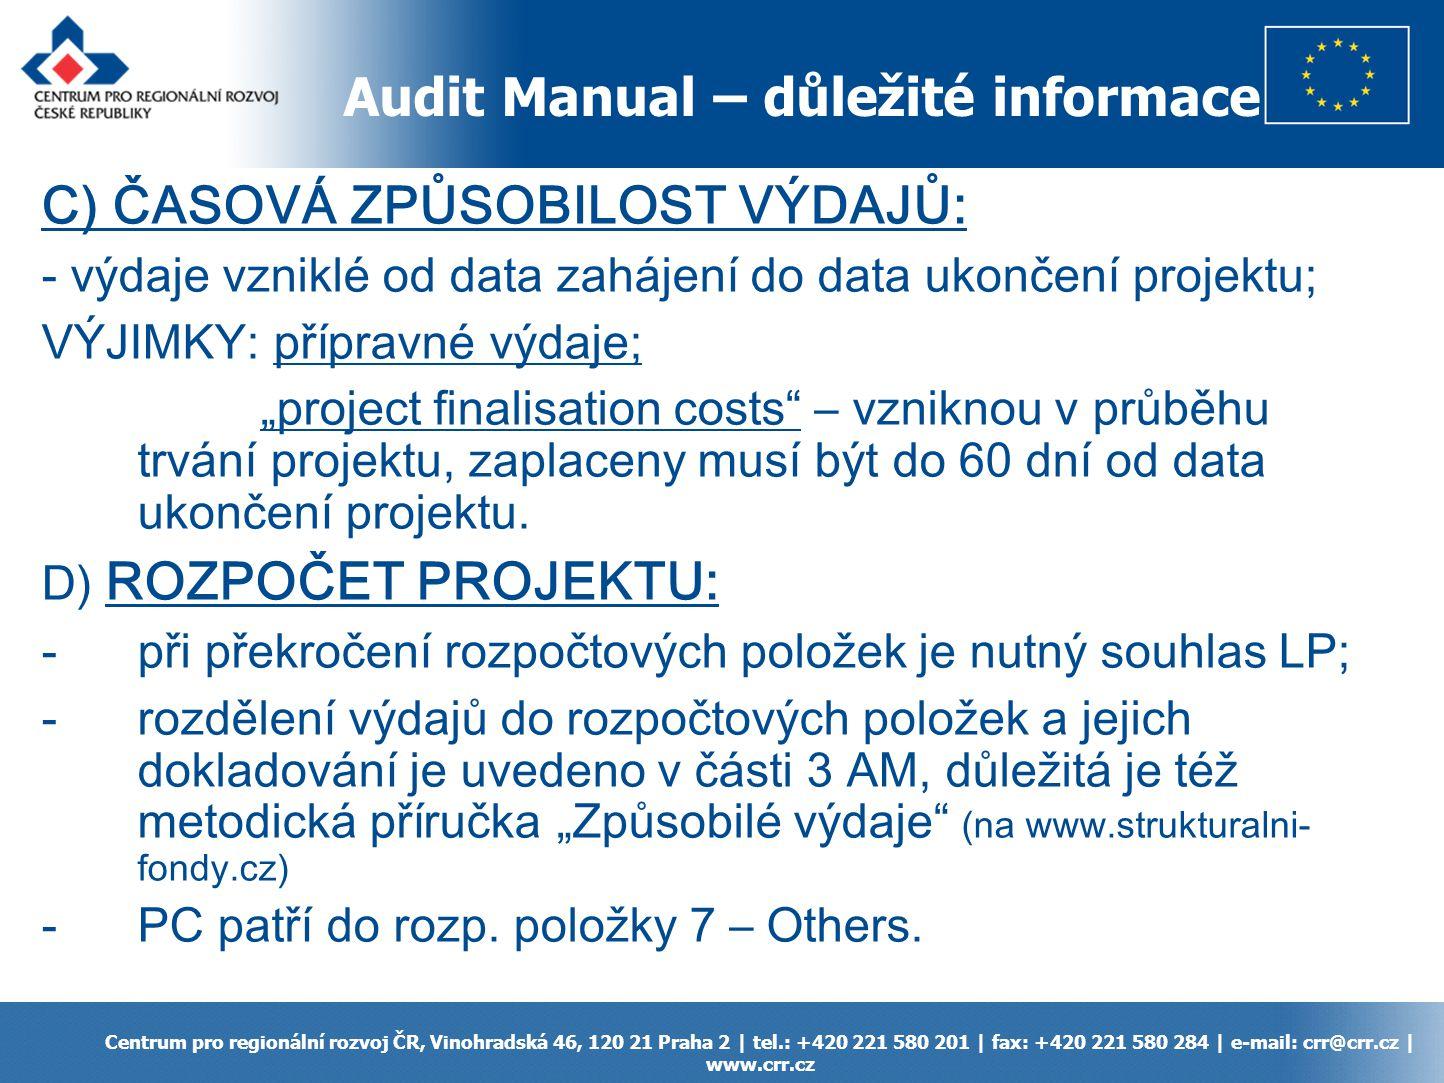 Audit Manual – důležité informace Centrum pro regionální rozvoj ČR, Vinohradská 46, 120 21 Praha 2 | tel.: +420 221 580 201 | fax: +420 221 580 284 |